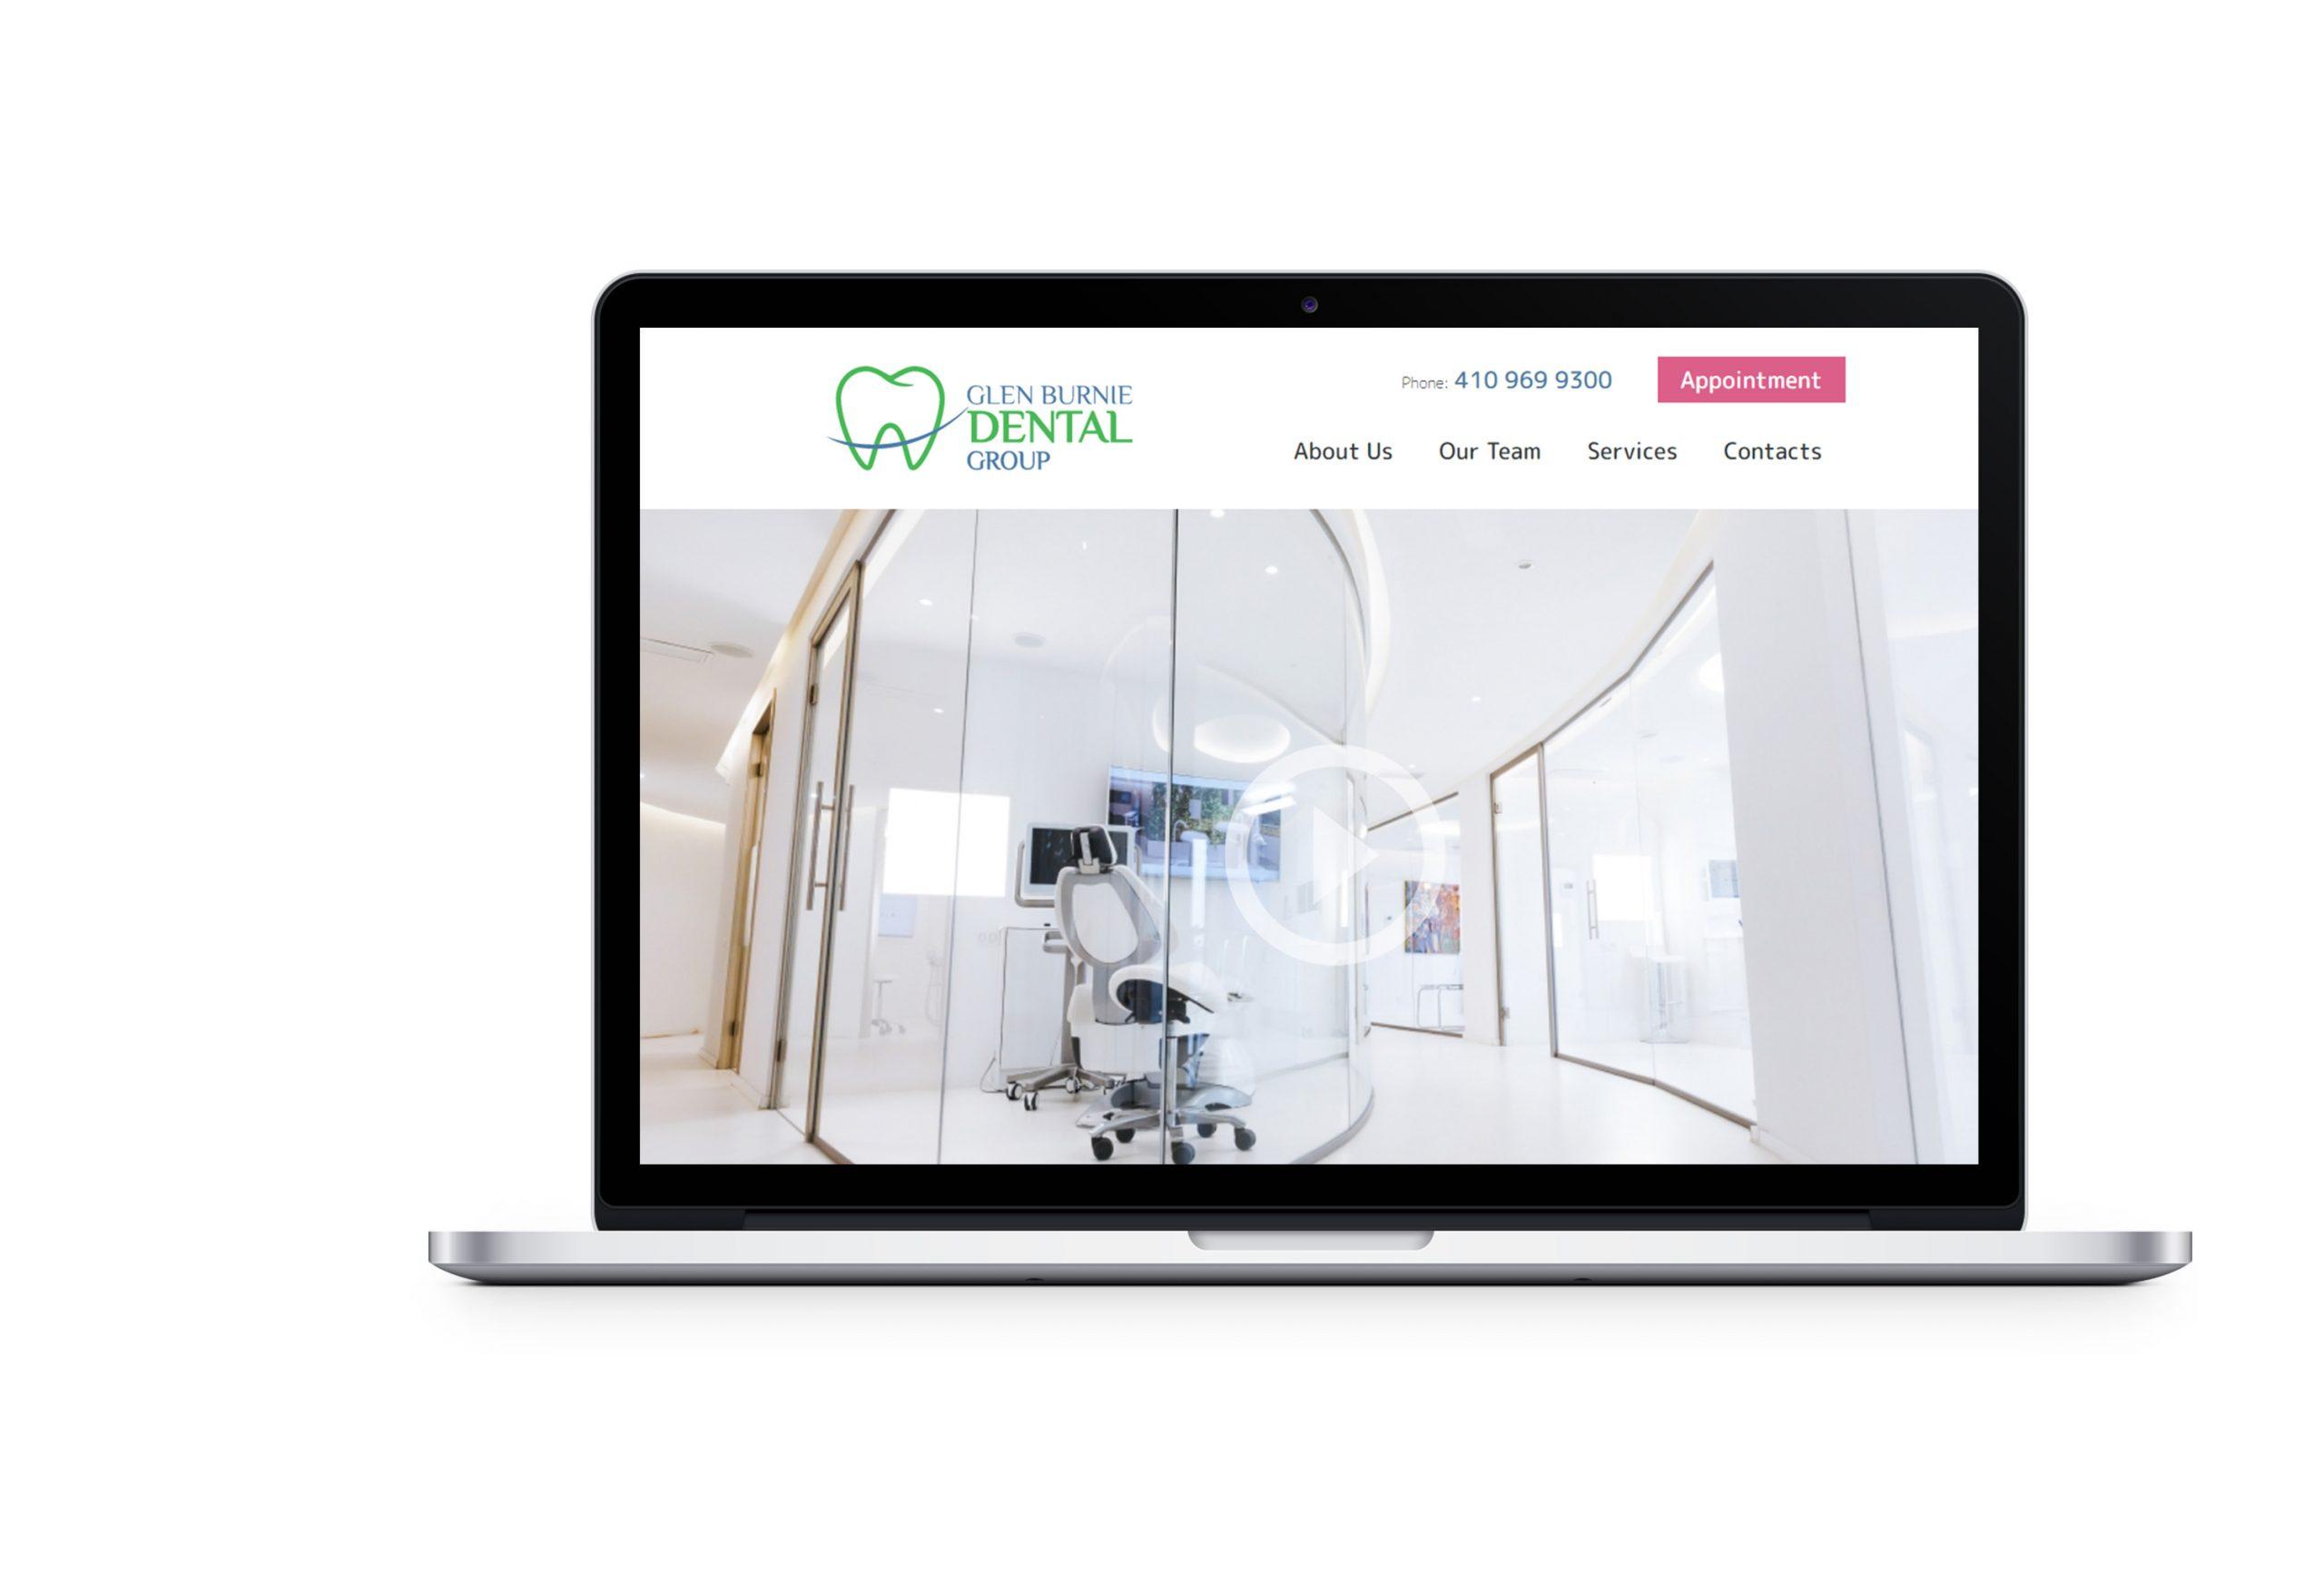 Редизайн сайту Glen Burnie Dental Group